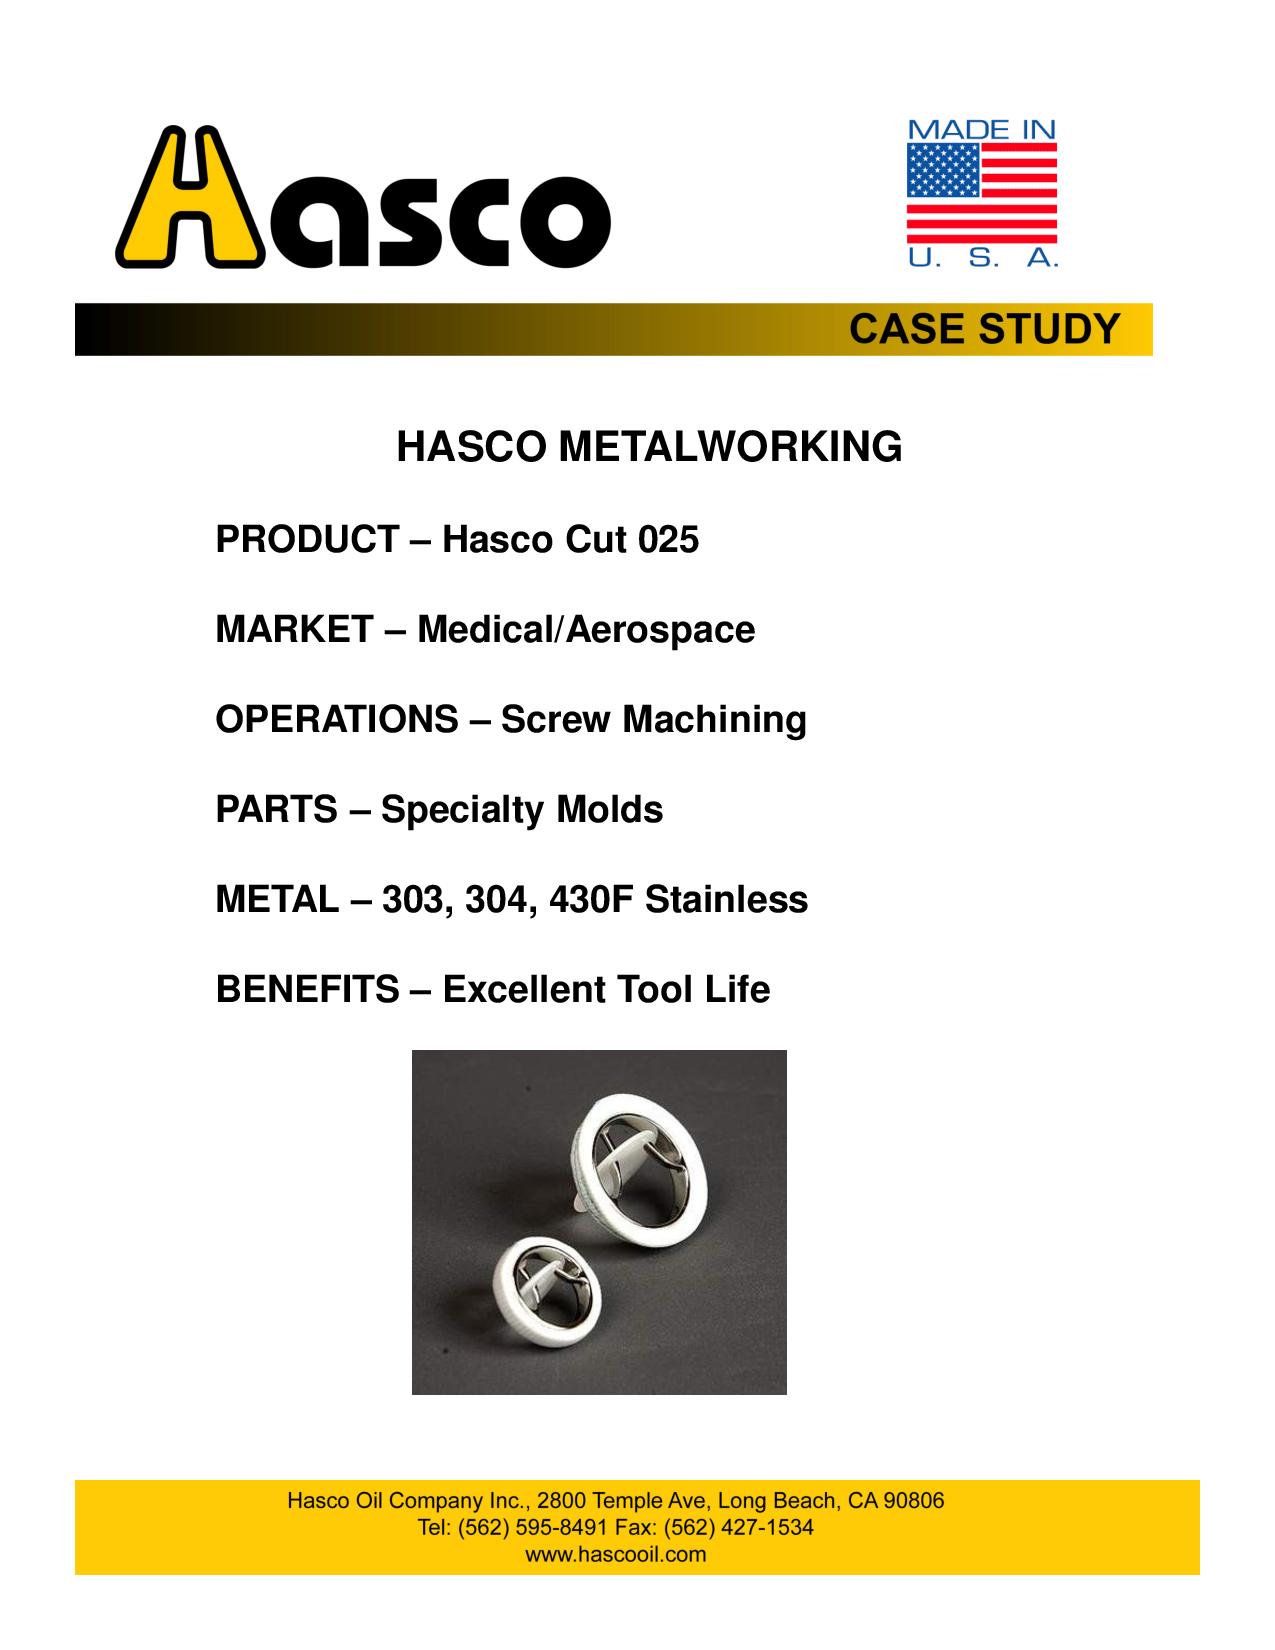 Hasco Cut 025